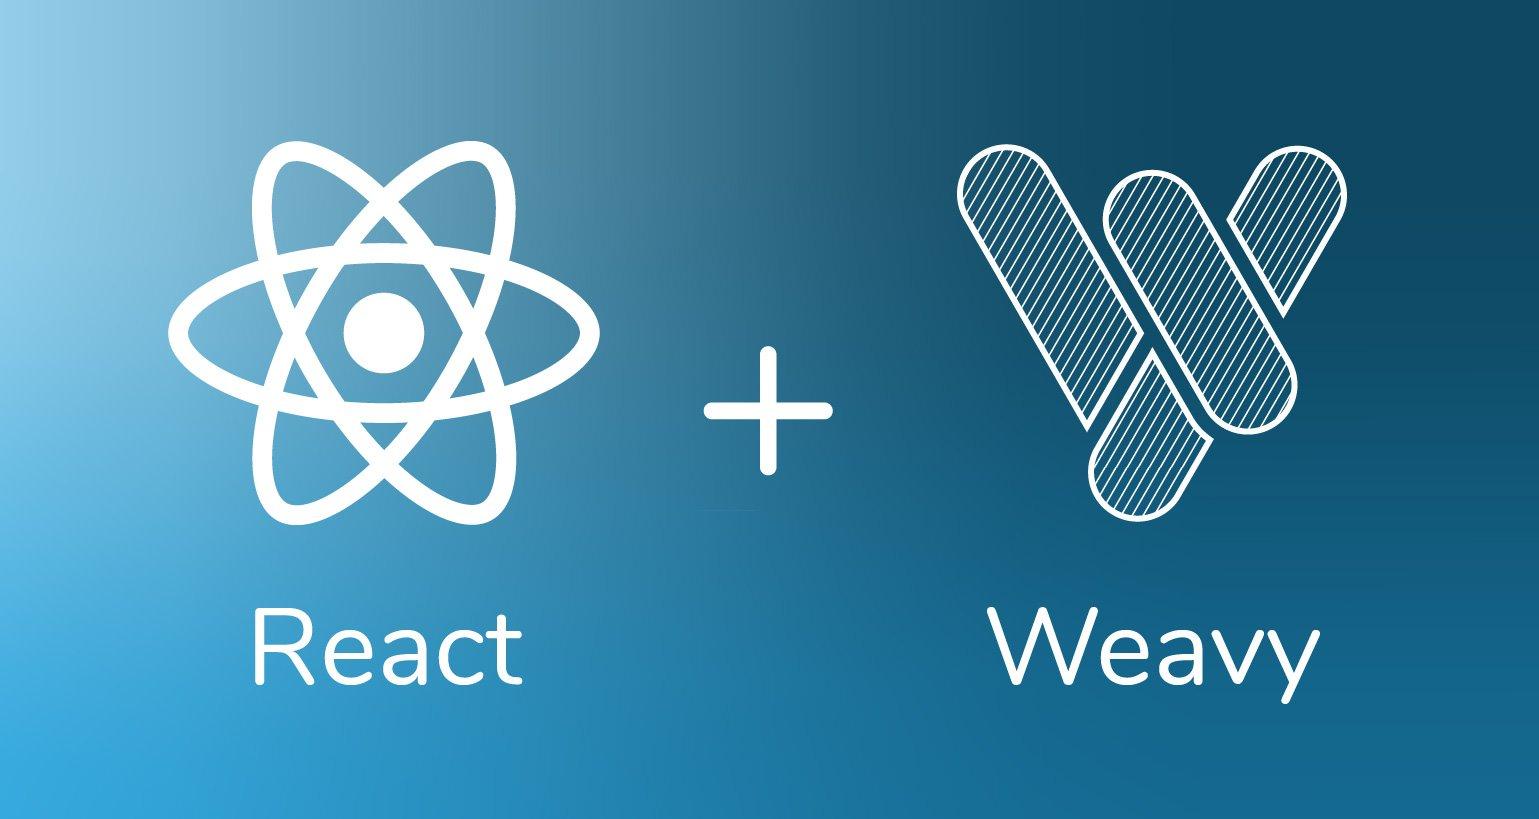 react+weavy